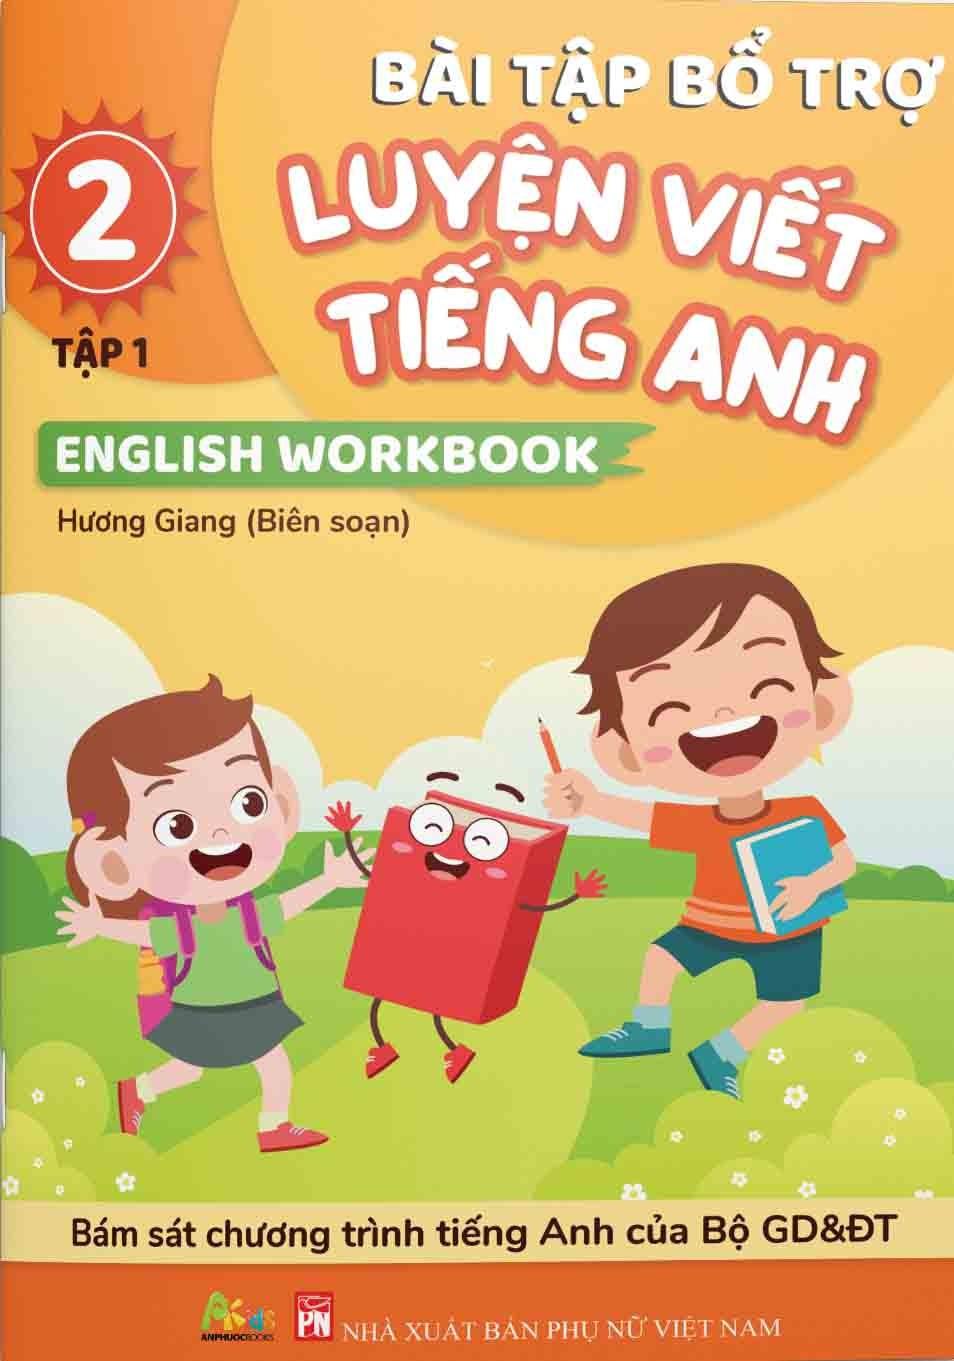 Bài Tập Bổ Trợ Luyện Viết Tiếng Anh - English Workbook Lớp 2 Tập 1